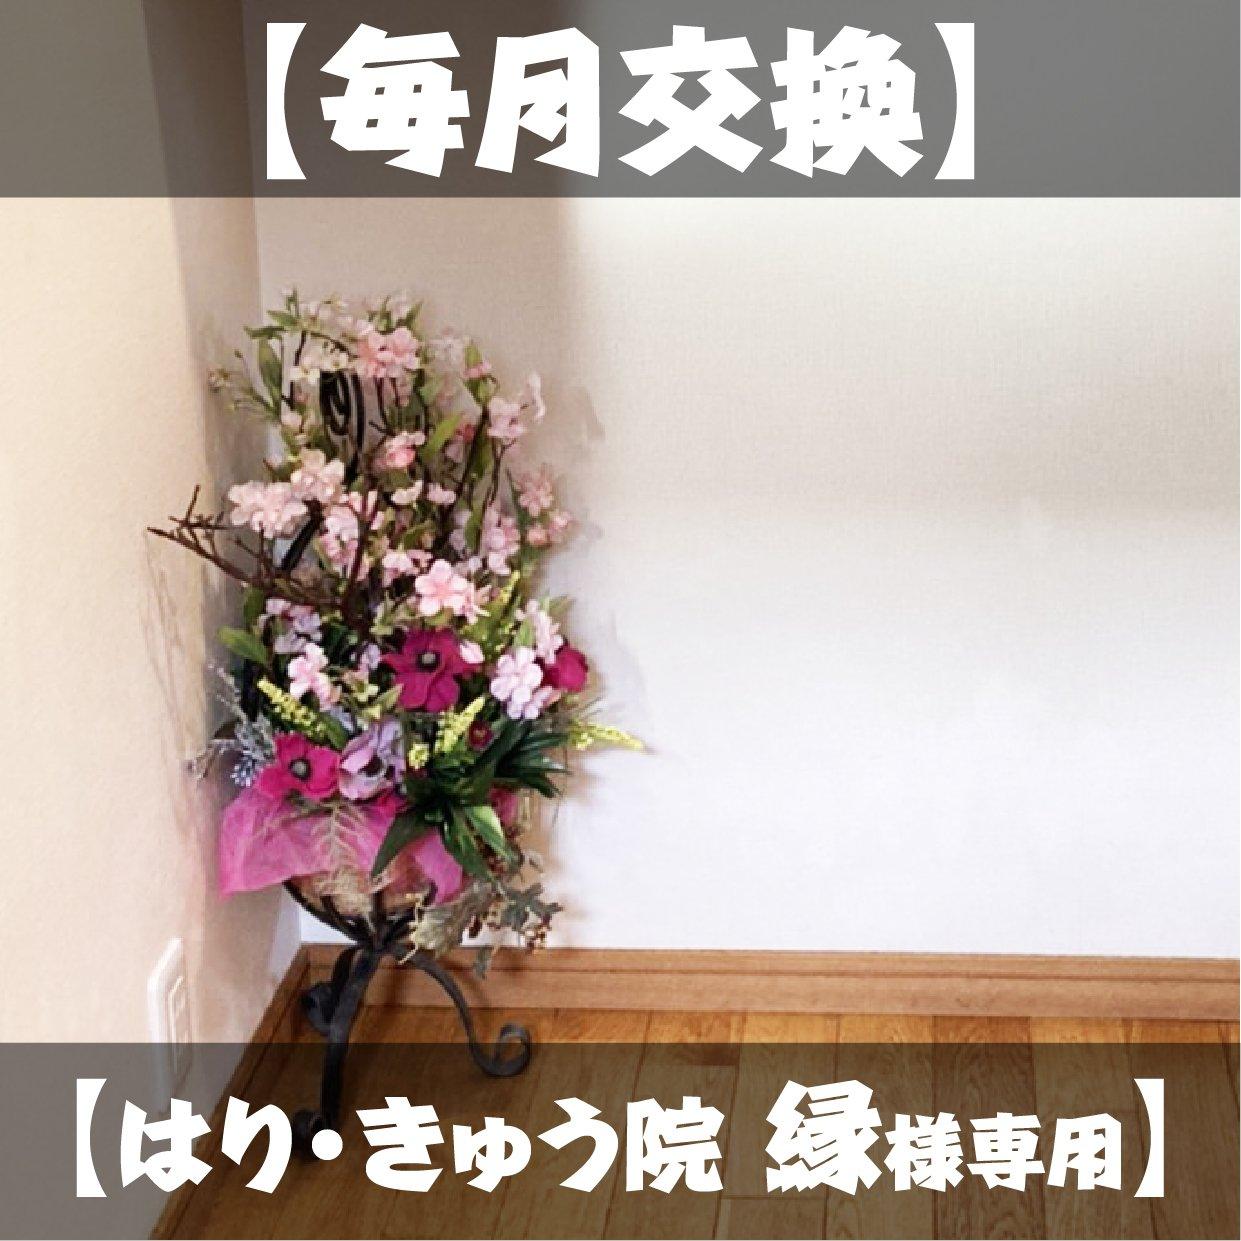 【毎月交換】【はり・きゅう院 縁様専用】季節のお花アレンジメントのイメージその1